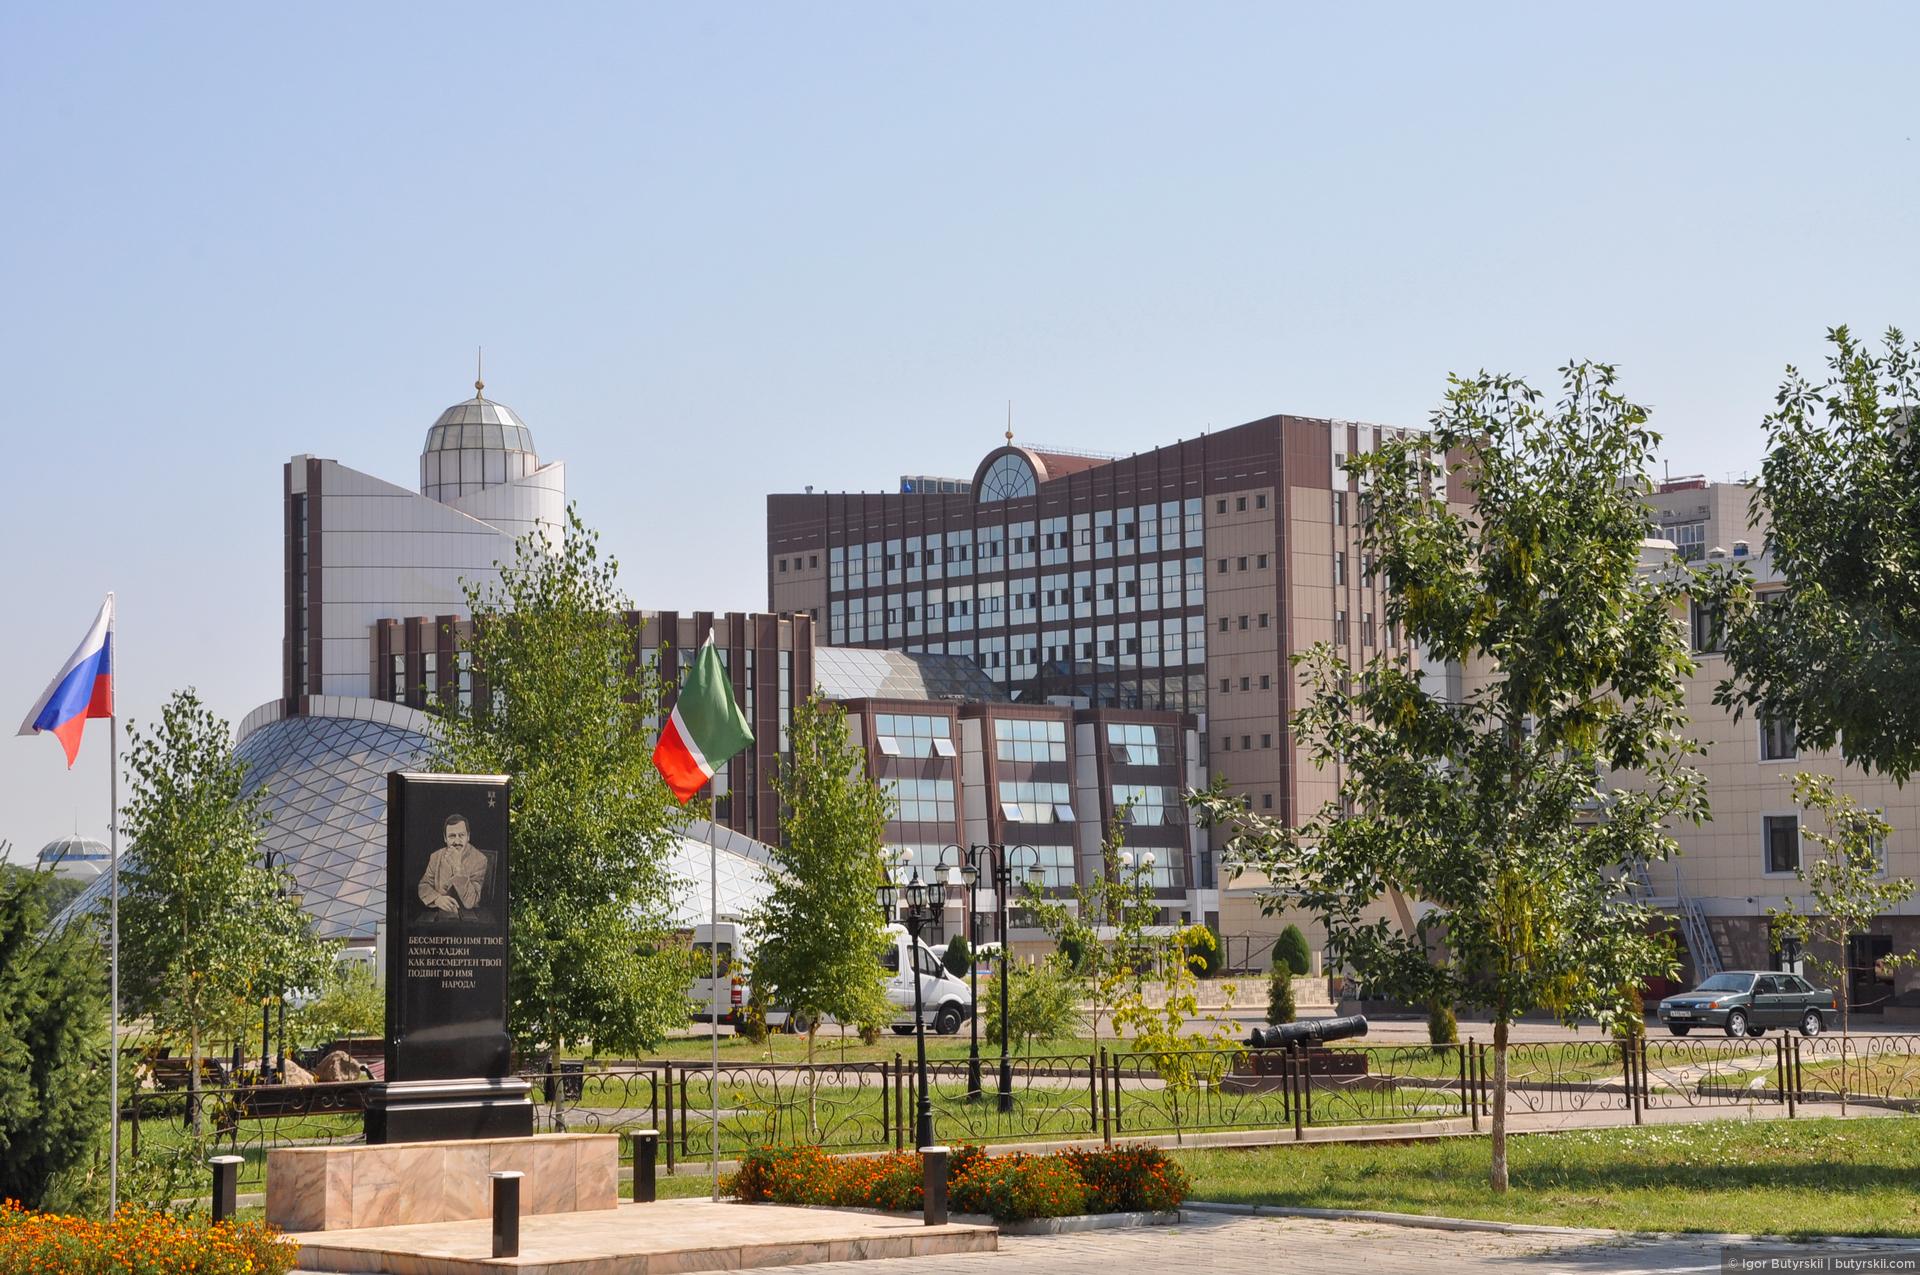 29. Архитектура города, по моему мнению, спорная. Если в центре все очень здорово отстроено и отлично выглядит, то немного подальше начинаются стандартные русские «цветные зеркала» на фасадах и невнятные формы зданий., Грозный